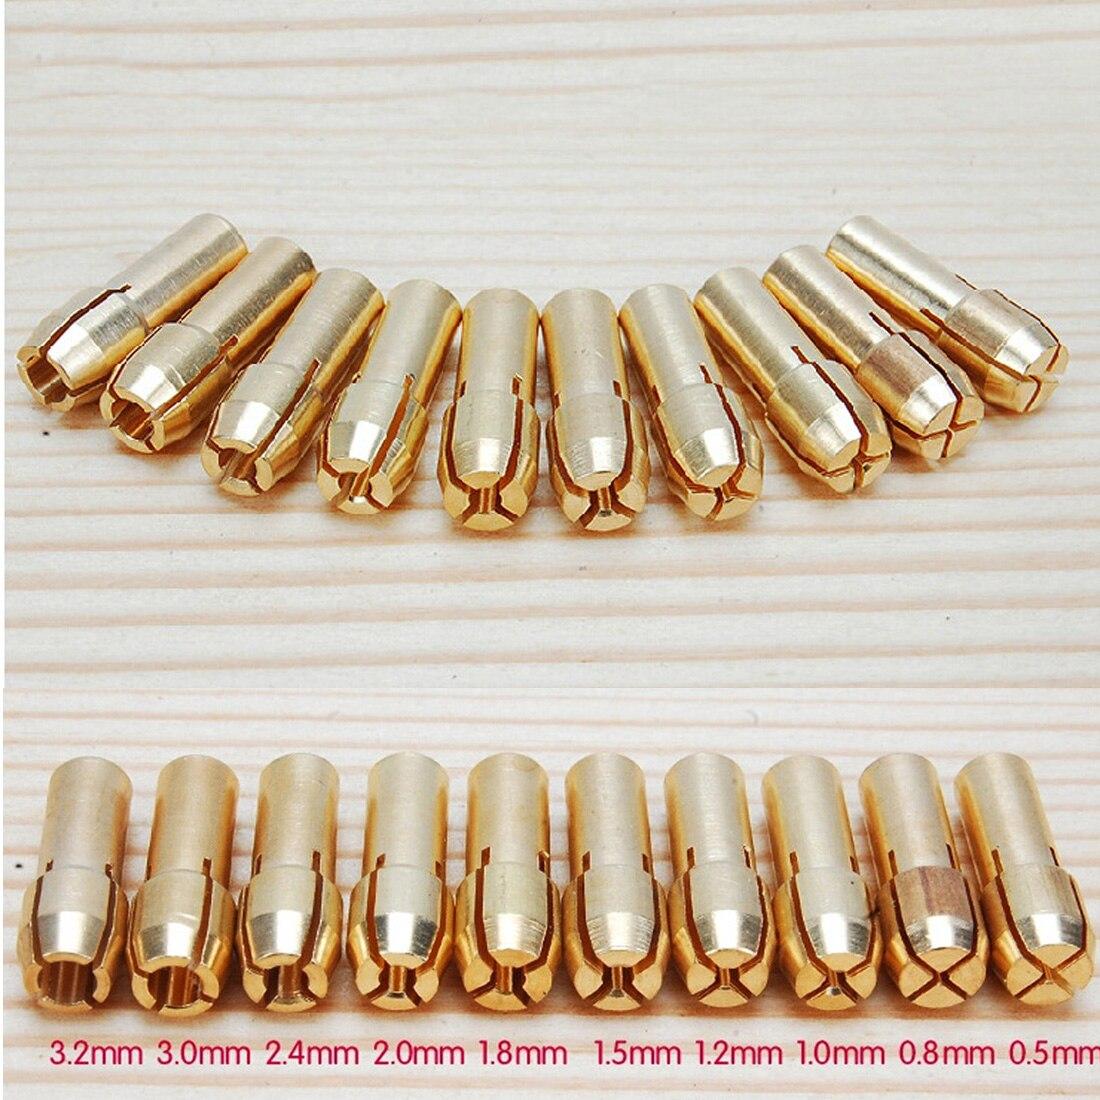 0.5-3.2mm 10 pçs/set Bronze Broca Chuck Collet Bits 4.3 milímetros Shank Para Dremel Rotary Ferramenta de Ouro